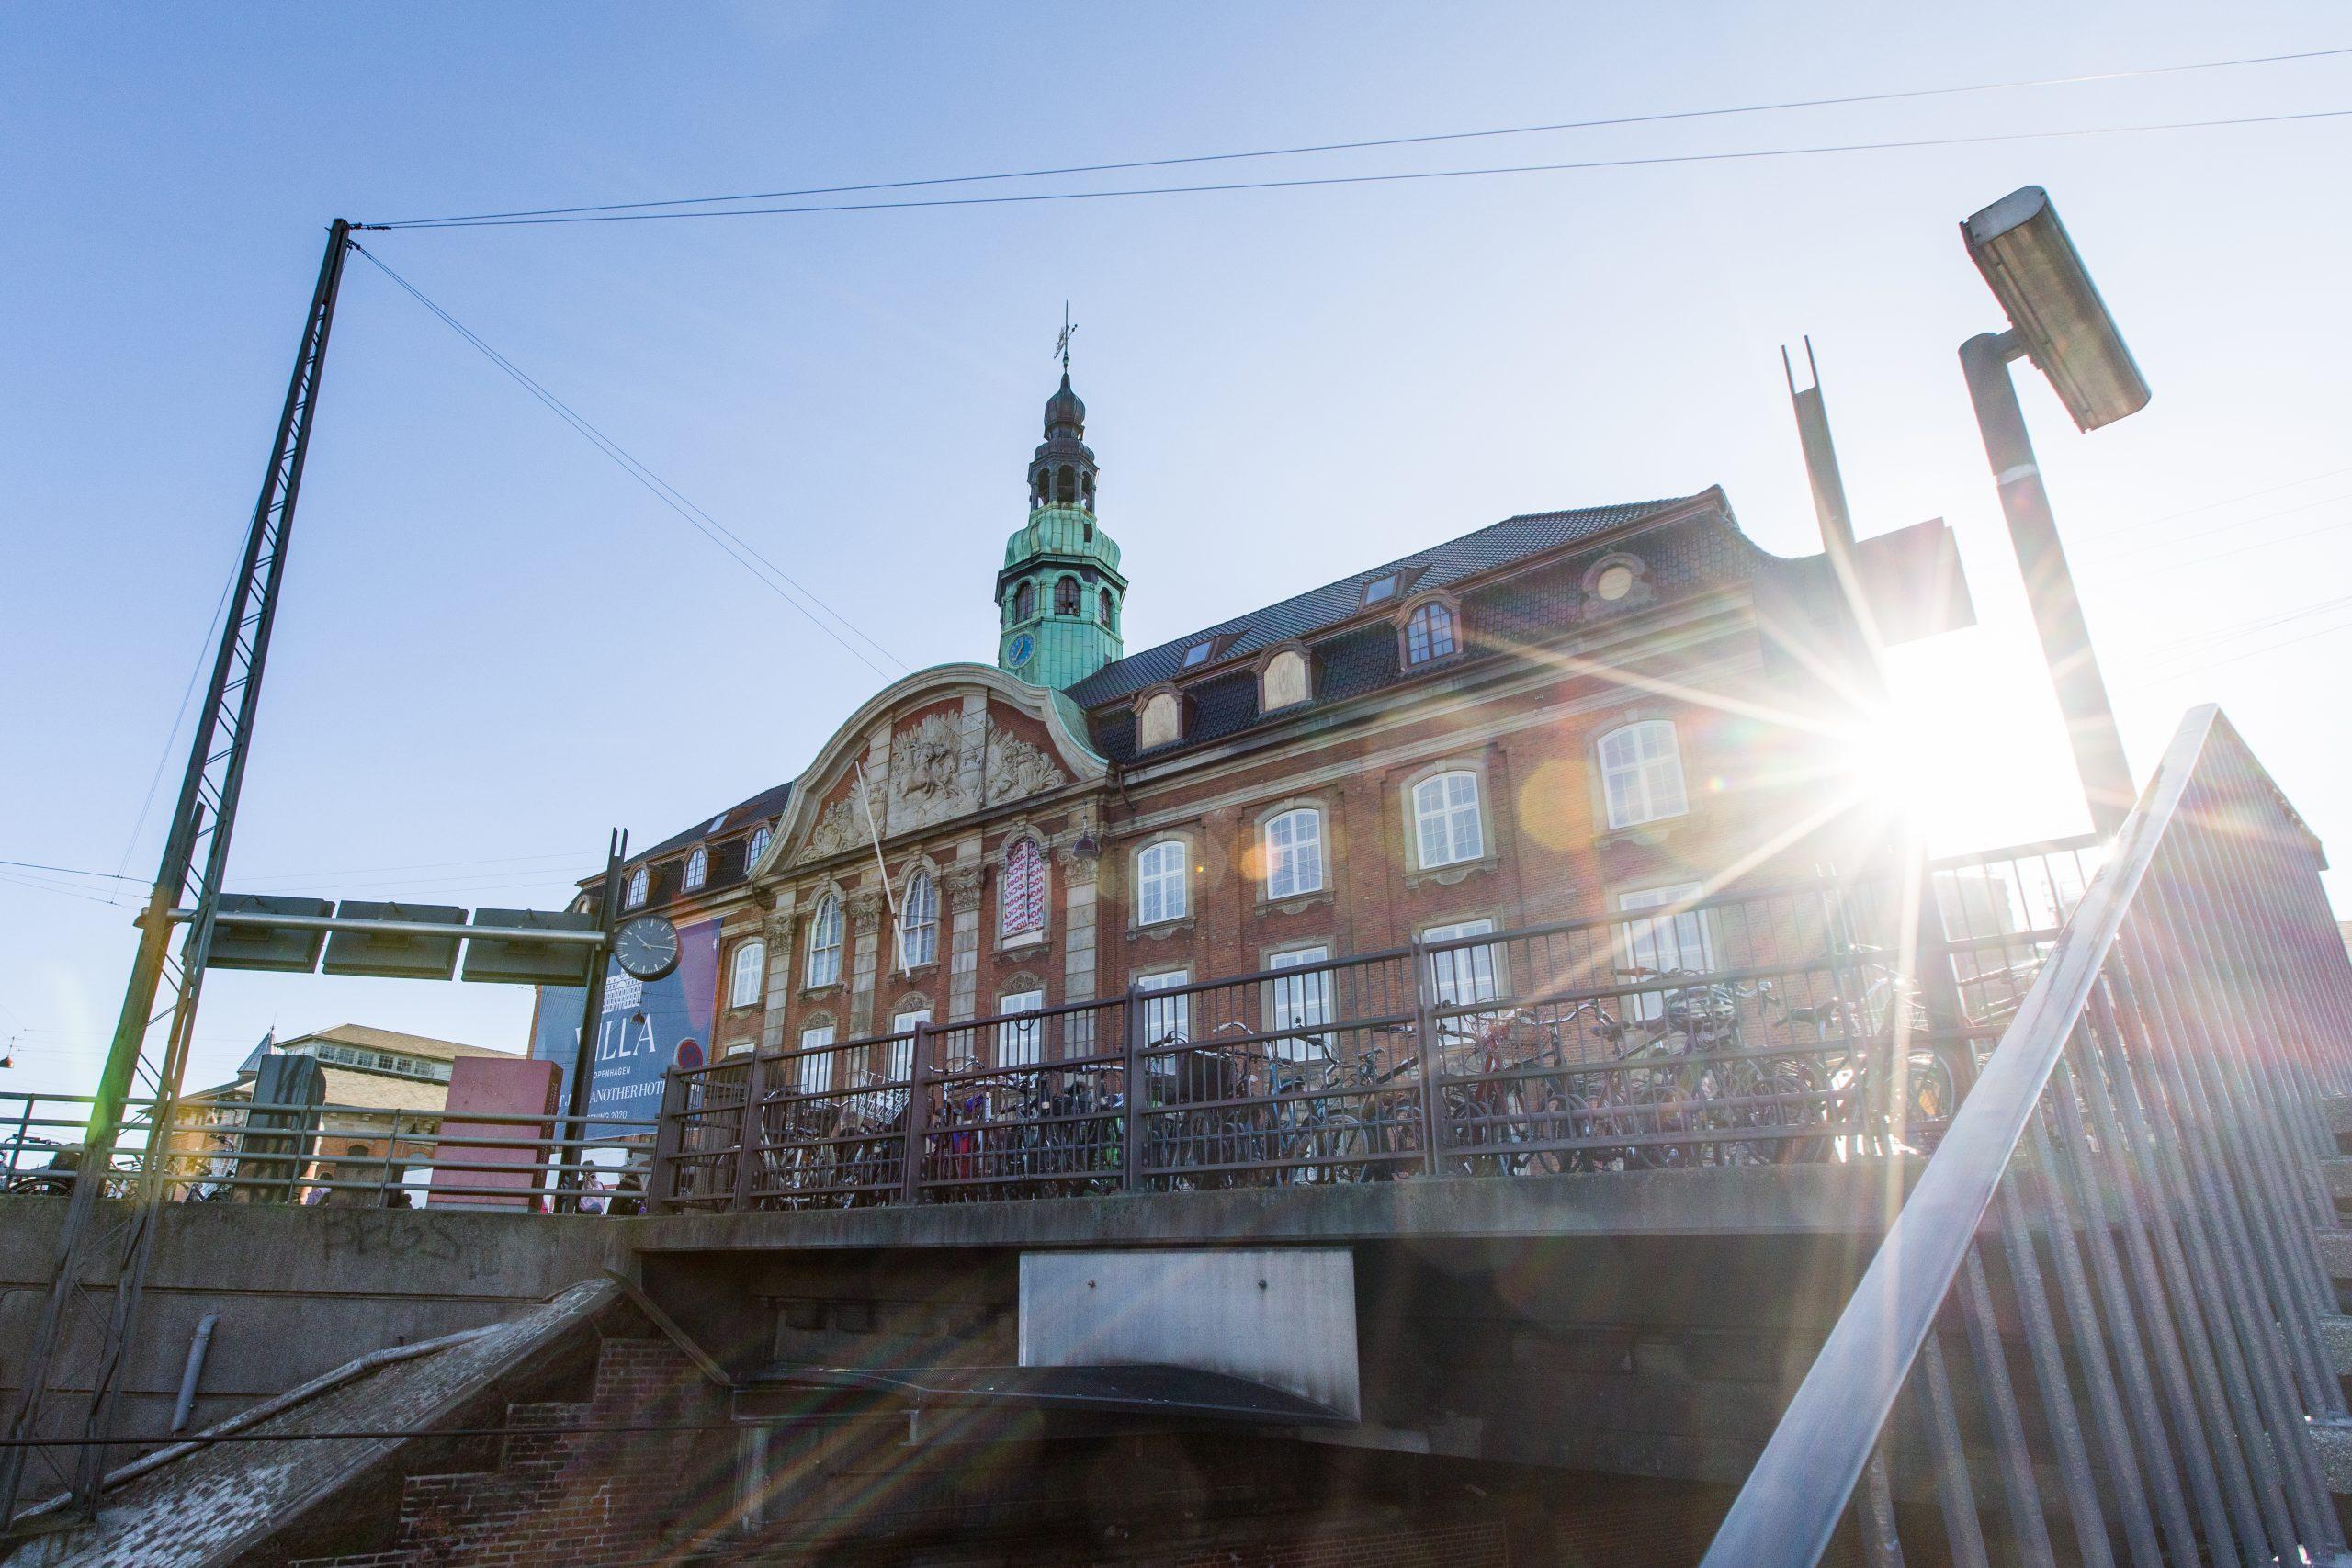 Villa Copenhagen – Københavns nye luksushotel – er en del af Nordic Hotels & Resorts, der har 29 enkeltstående og unikke nordiske hoteller. Pressefoto fra Villa Copenhagen, Astrid Rasmussen.